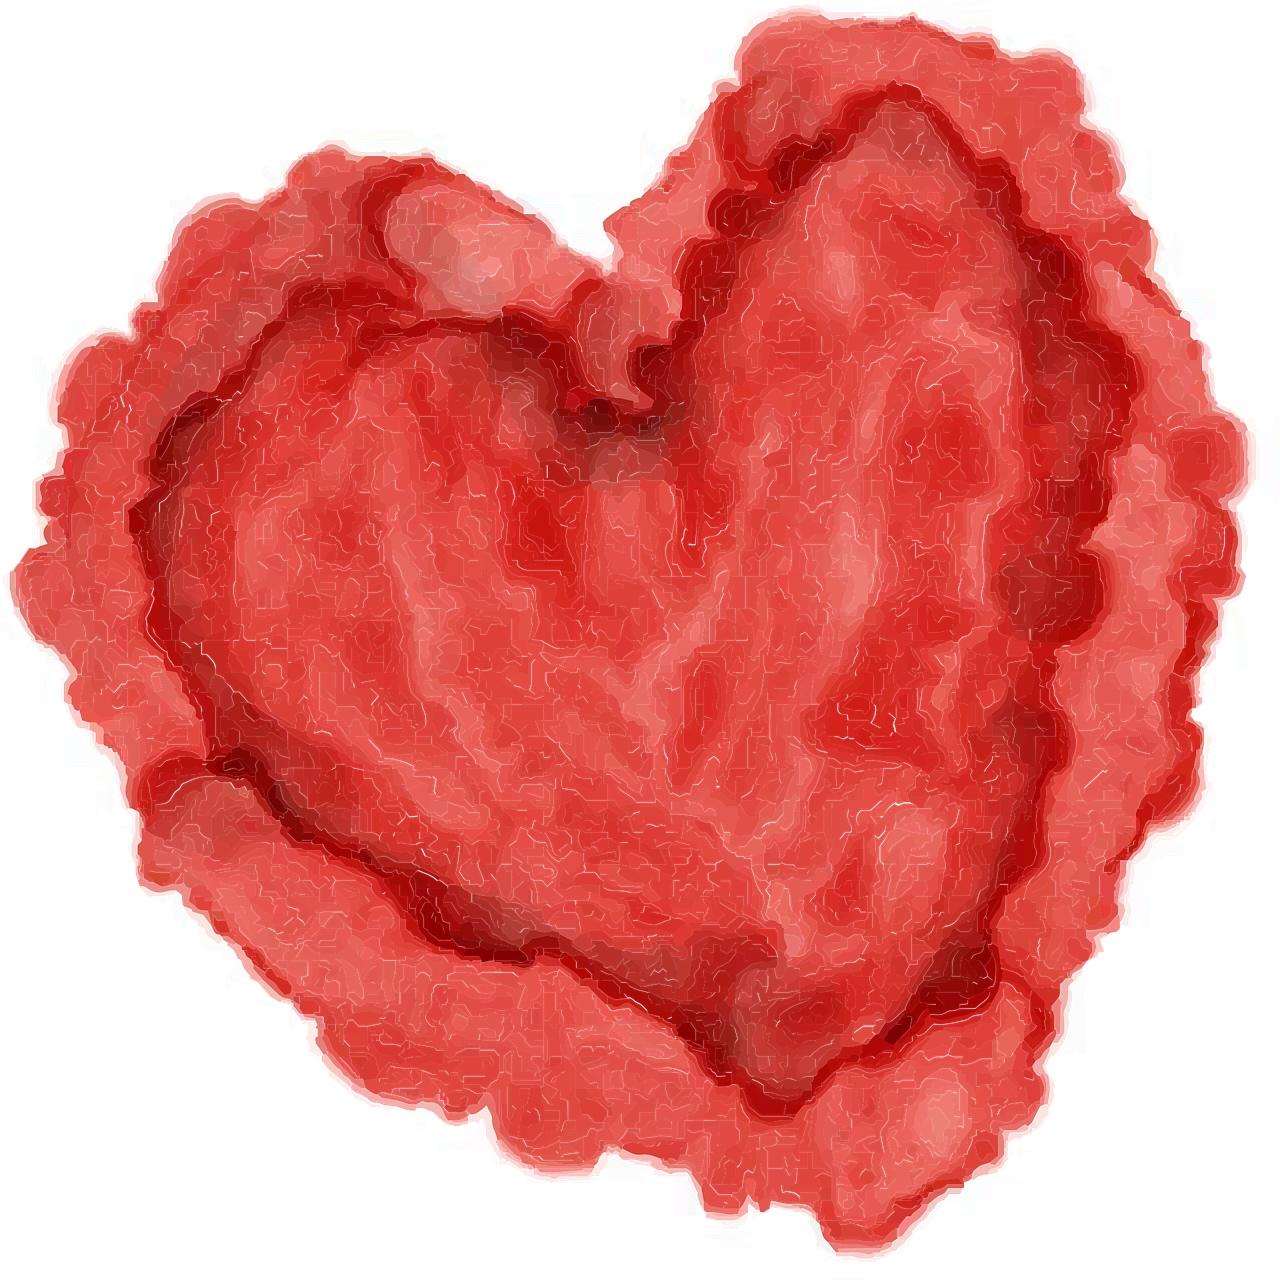 heart-732338_1280.jpg